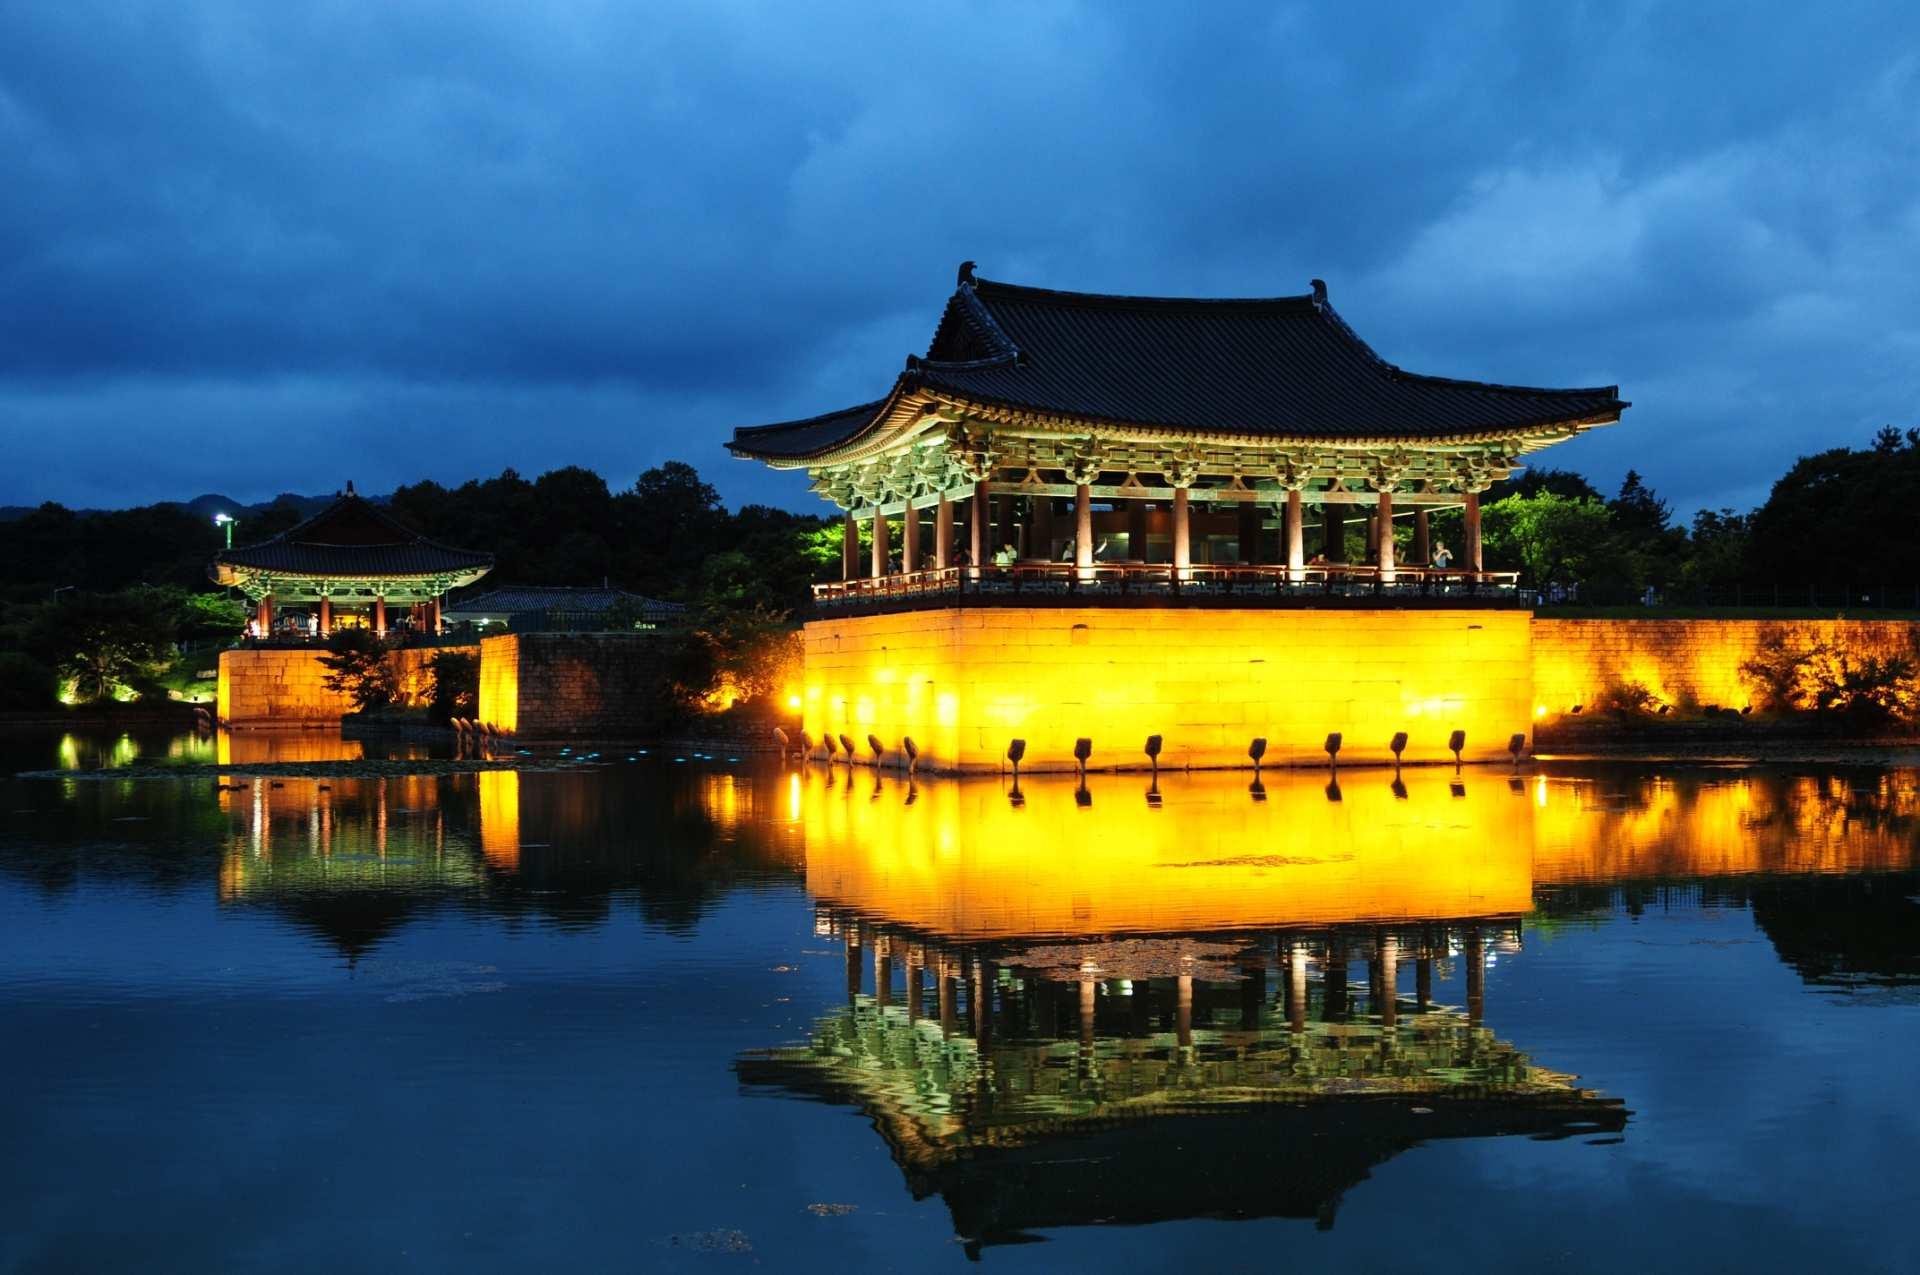 【慶州夜景之旅】東宮與月池、瞻星臺、雞林、月精橋(步行導覽)